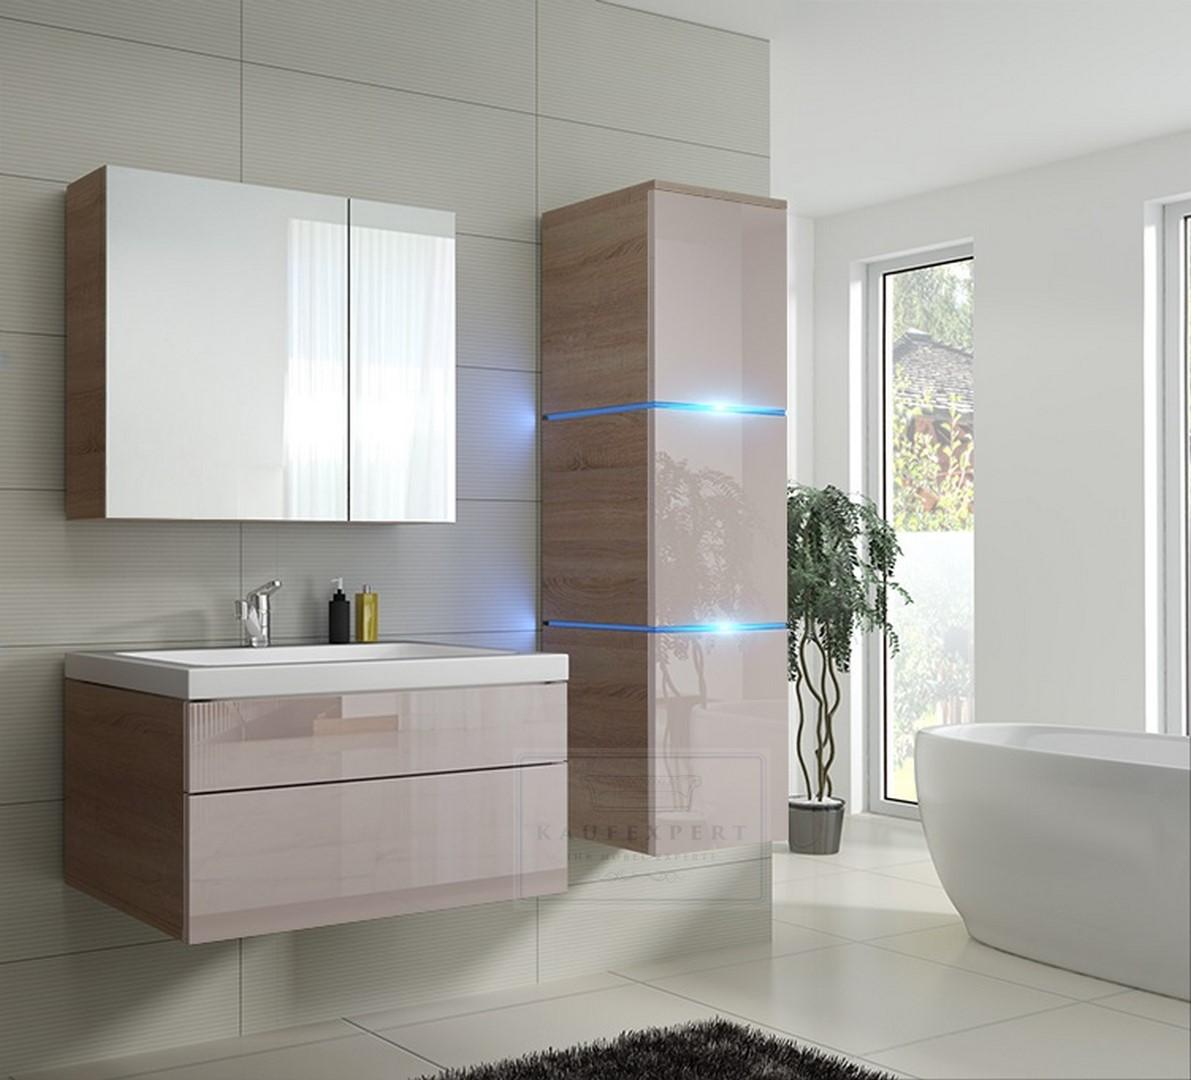 kaufexpert badm bel set lux 1 new cappuccino hochglanz sonoma keramik waschbecken badezimmer. Black Bedroom Furniture Sets. Home Design Ideas